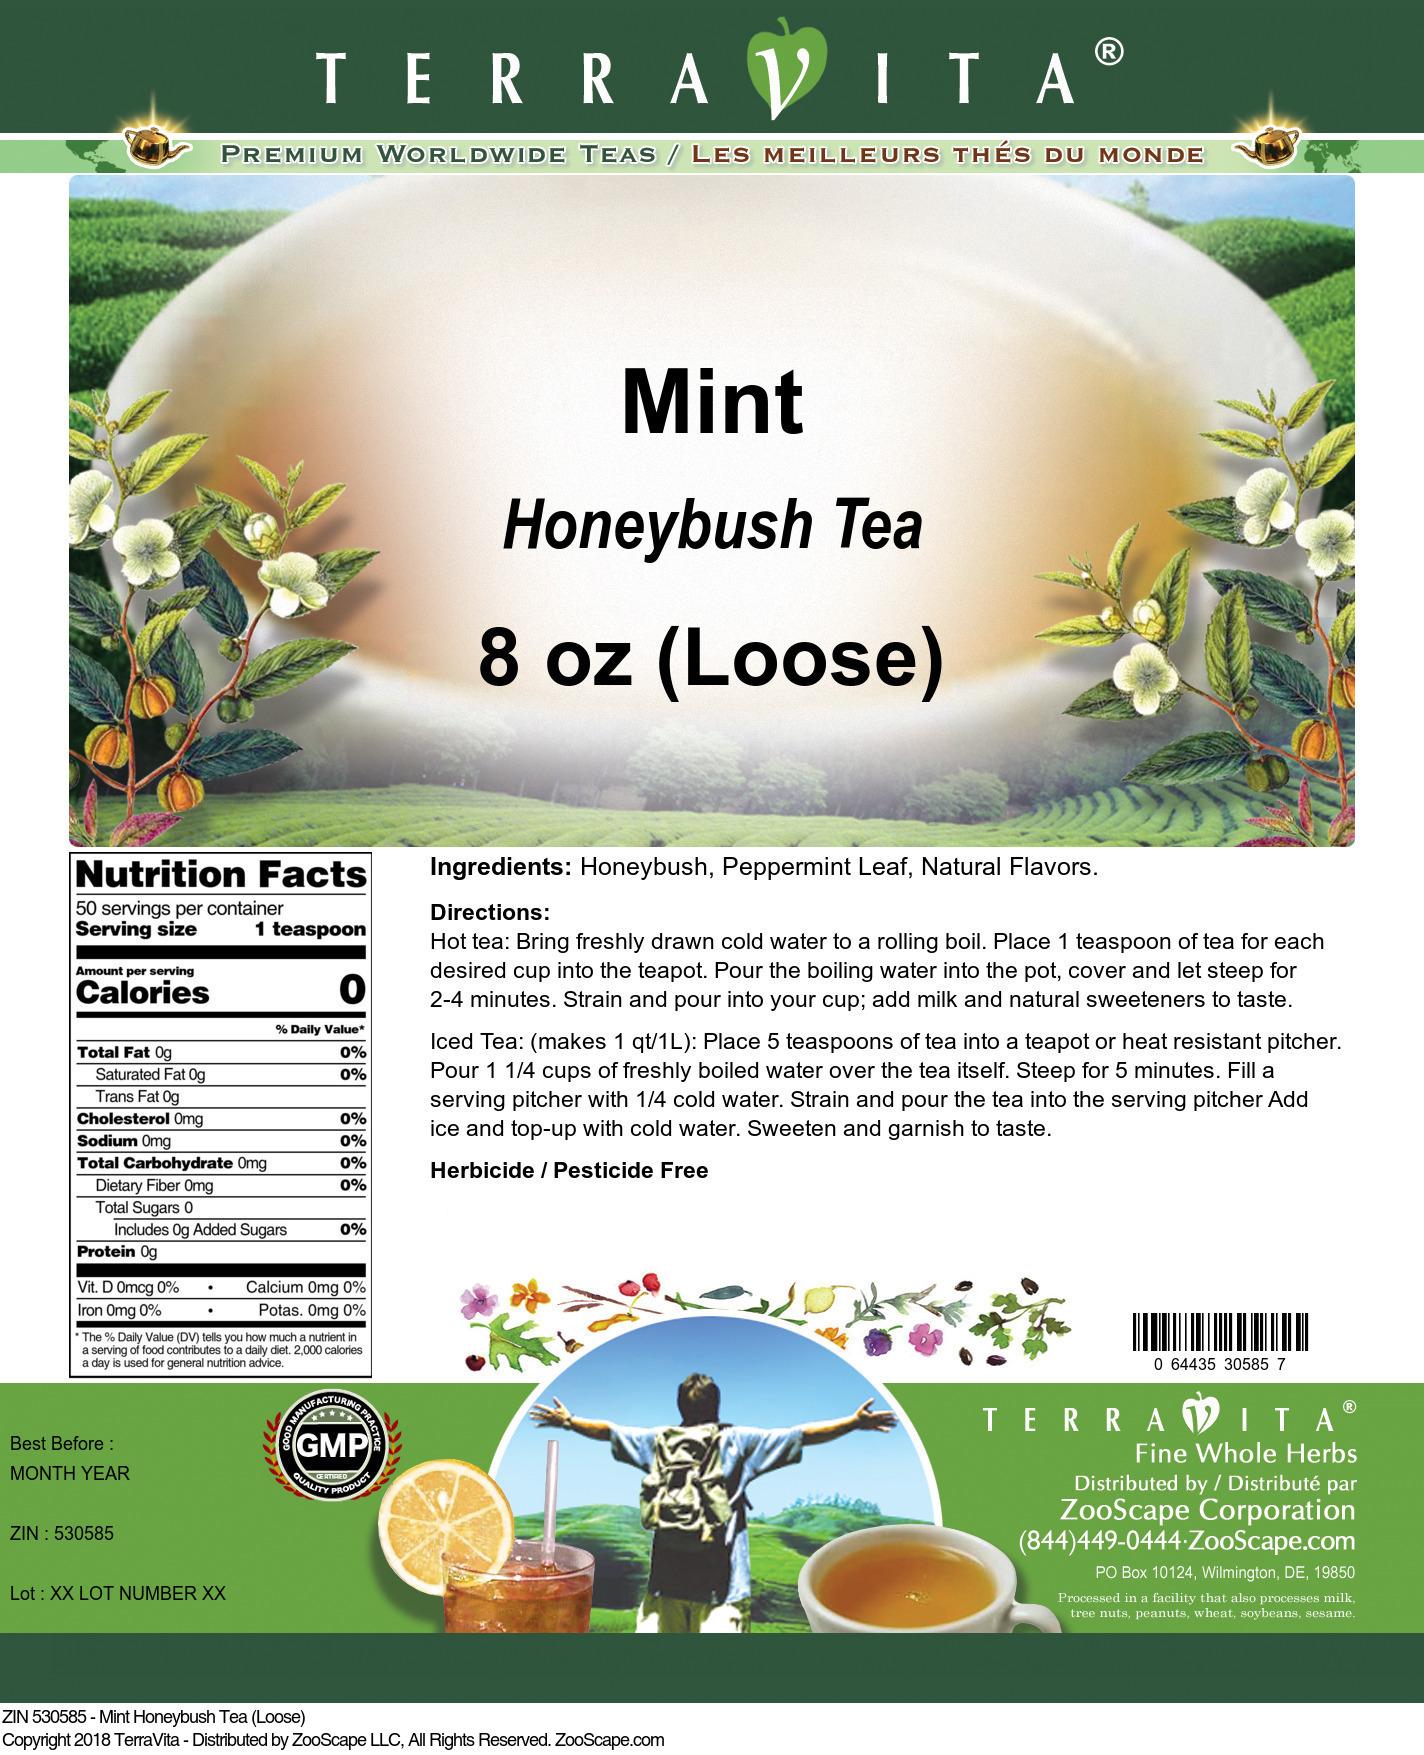 Mint Honeybush Tea